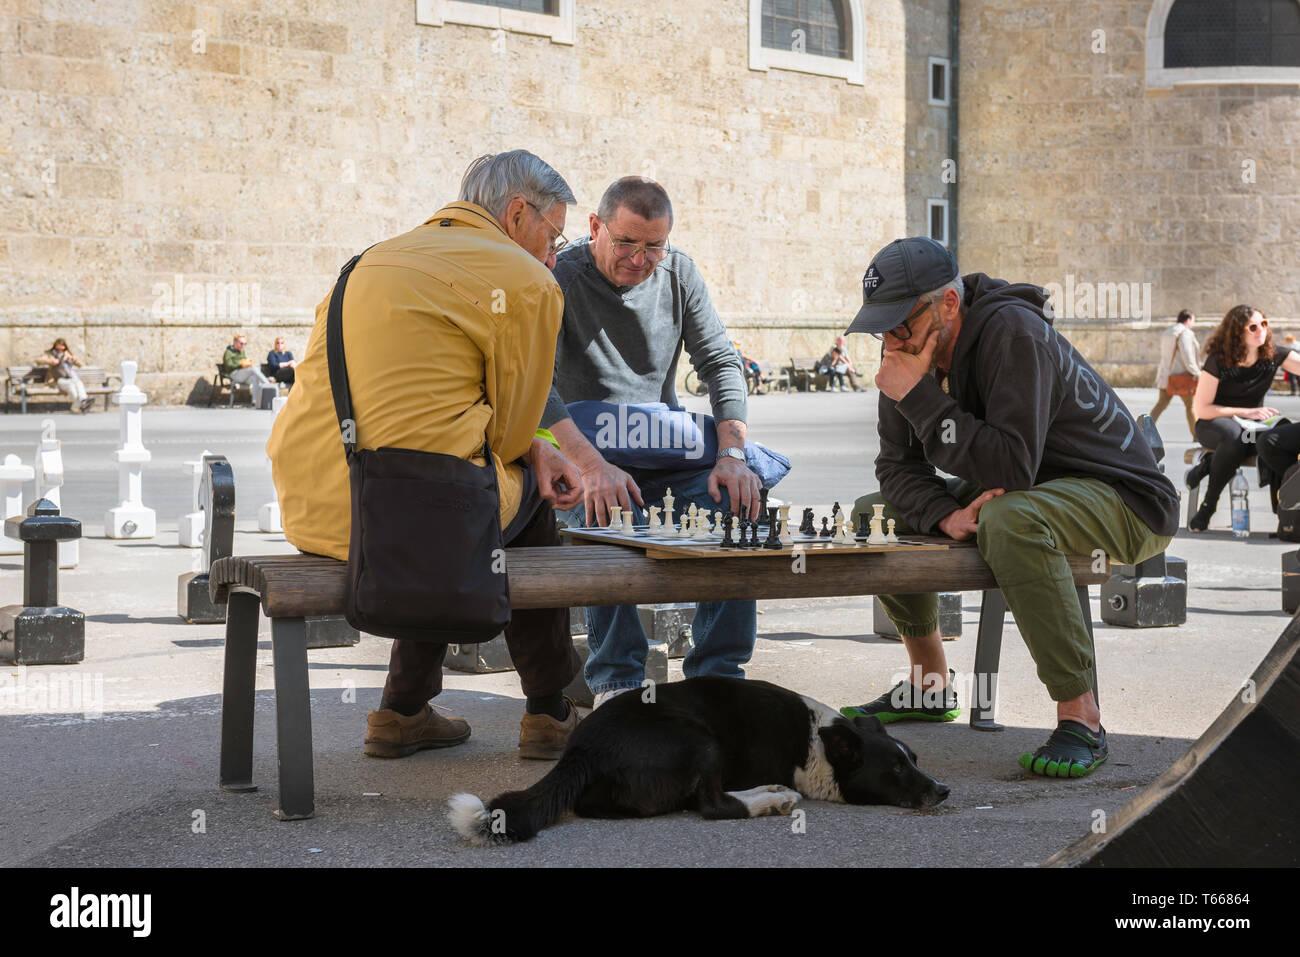 Menschen spielen Schach, Blick auf Männer im mittleren Alter spielen eine Partie Schach in der kapitelplatz in Salzburg, Österreich. Stockbild